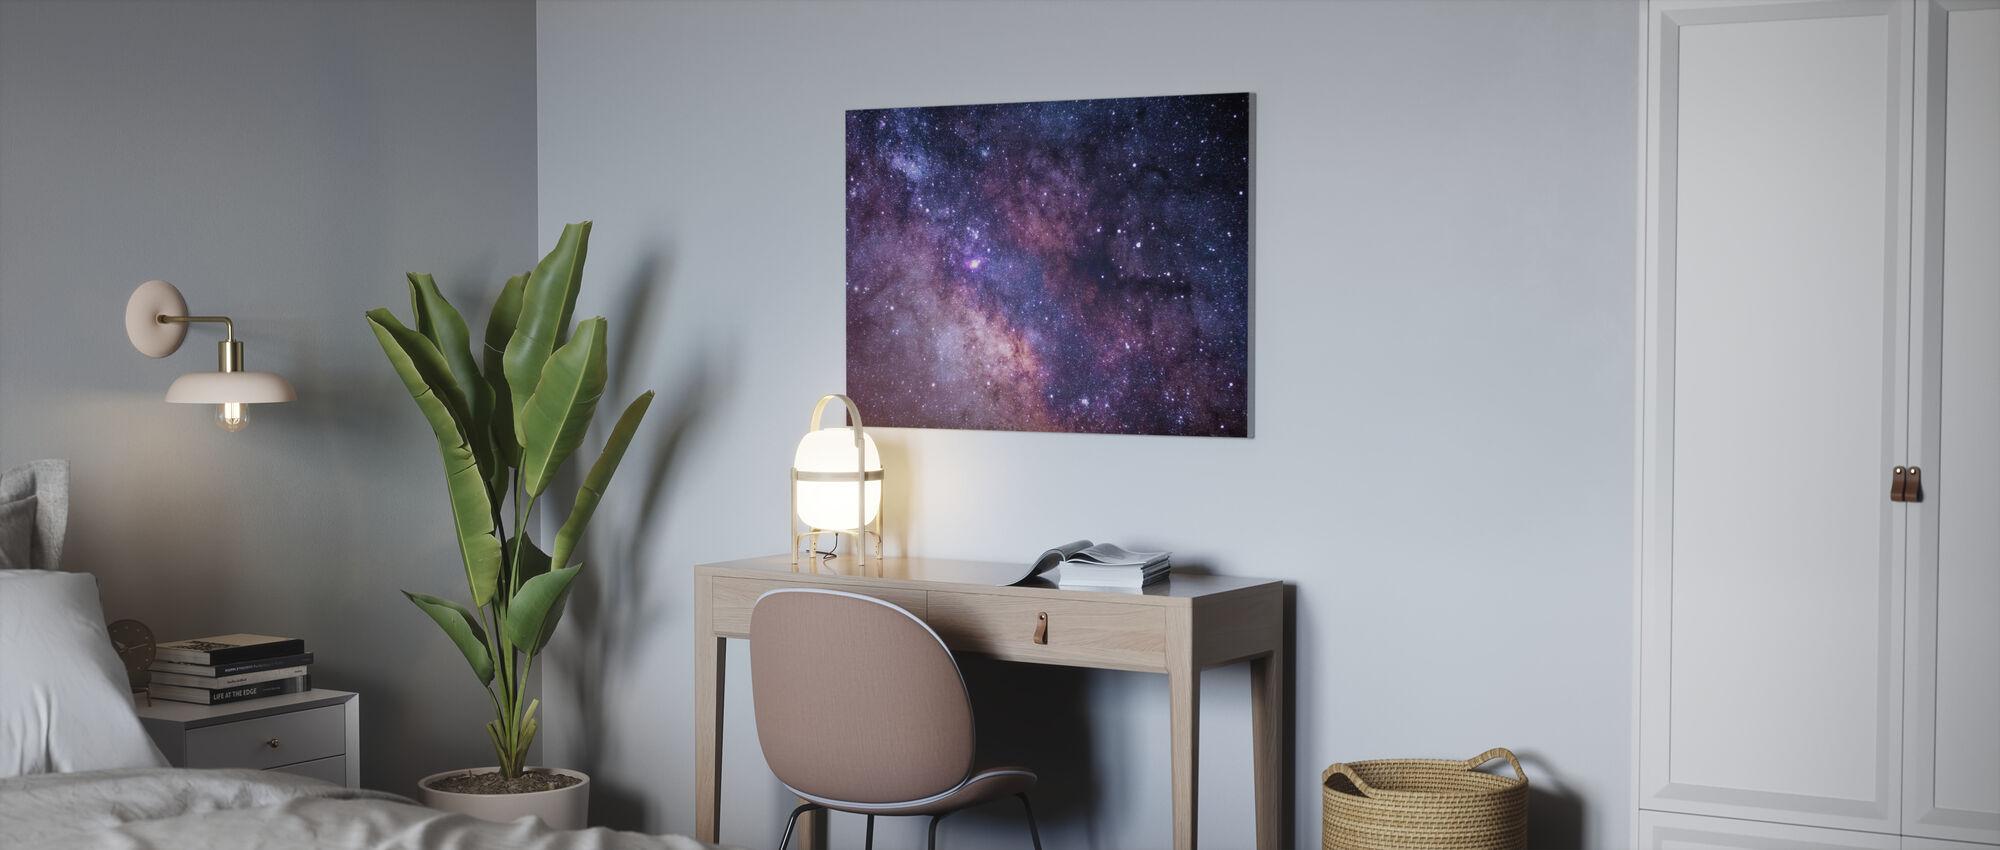 Galaksen - Billede på lærred - Kontor